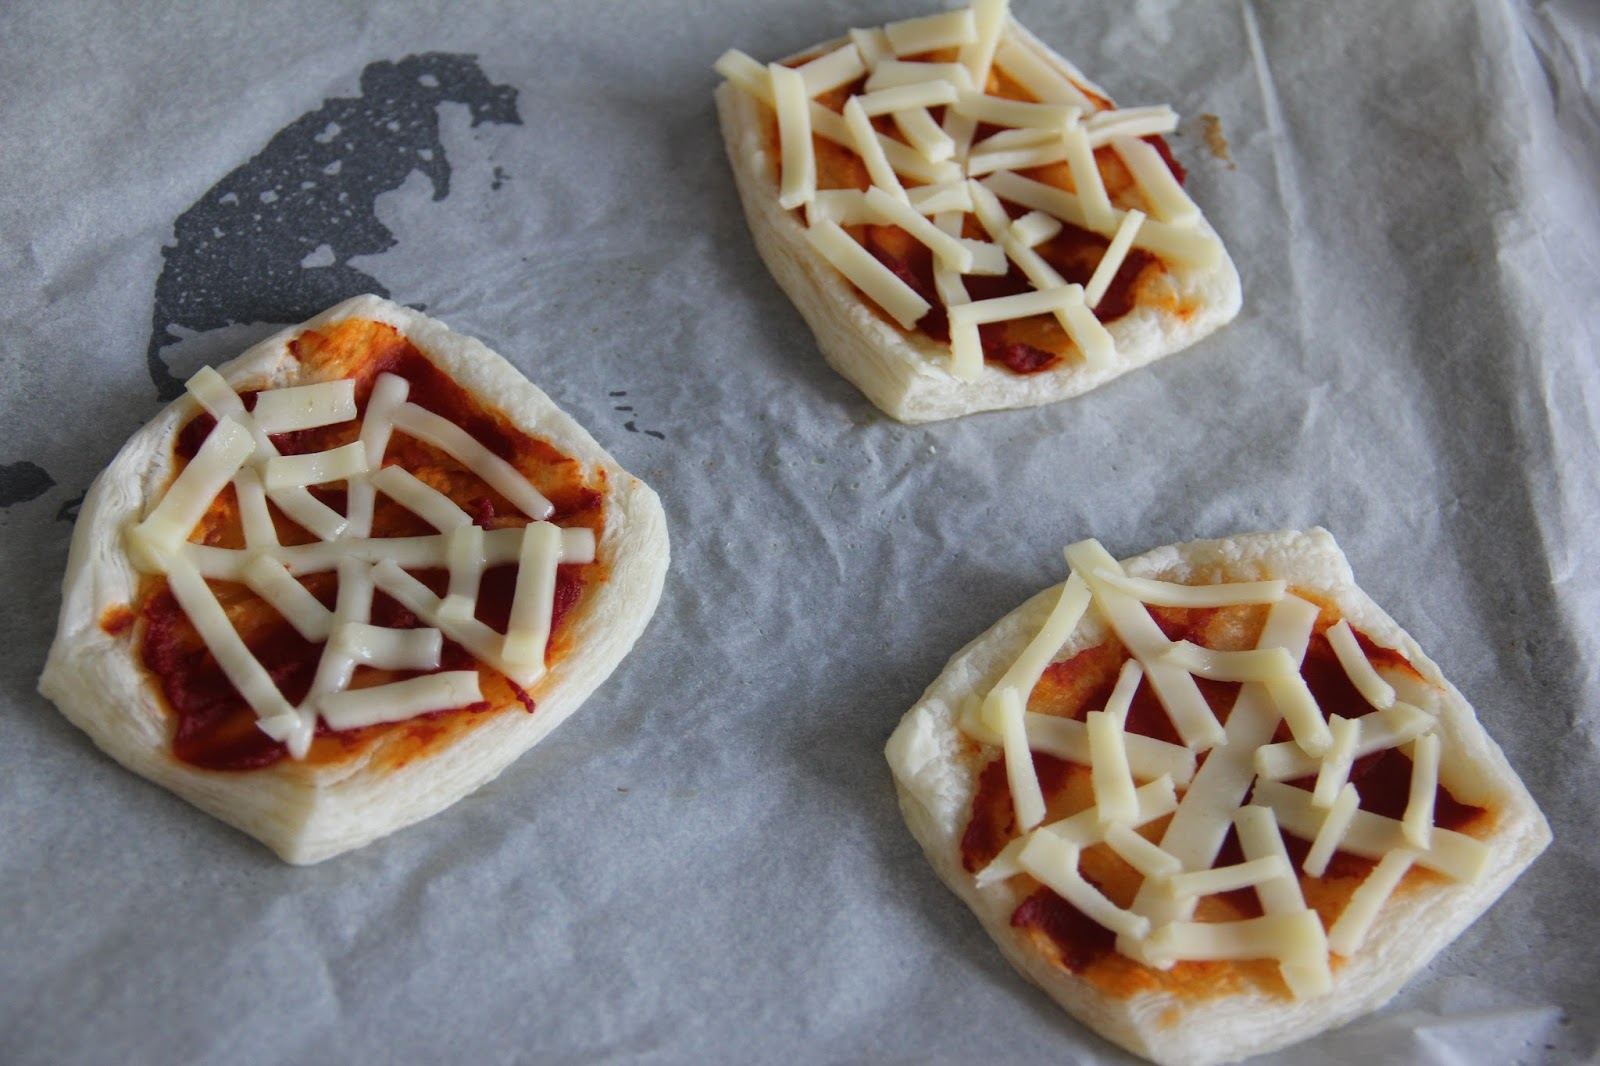 Mozzarella spider web pizza, ready to go back in.